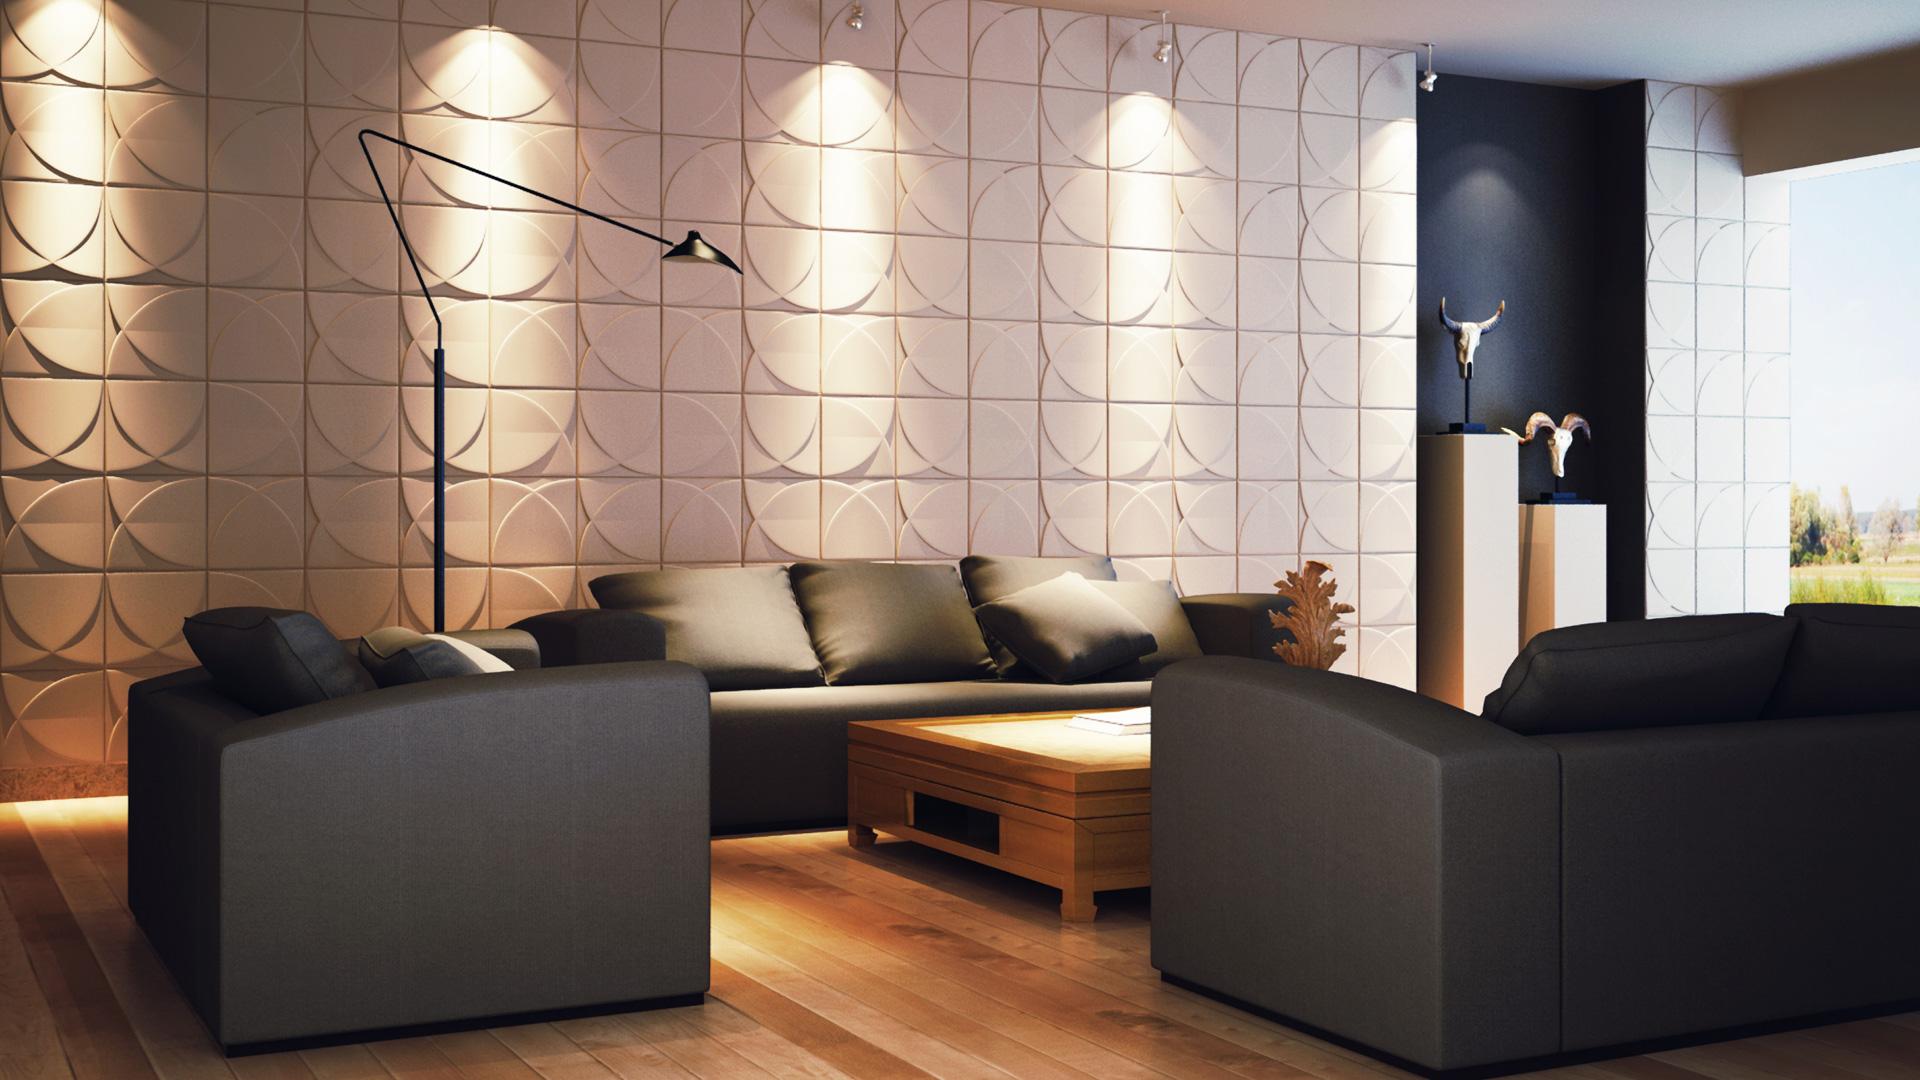 Wohnzimmer • 3D Wandpaneele | Deckenpaneele | Wandverkleidung aus ...